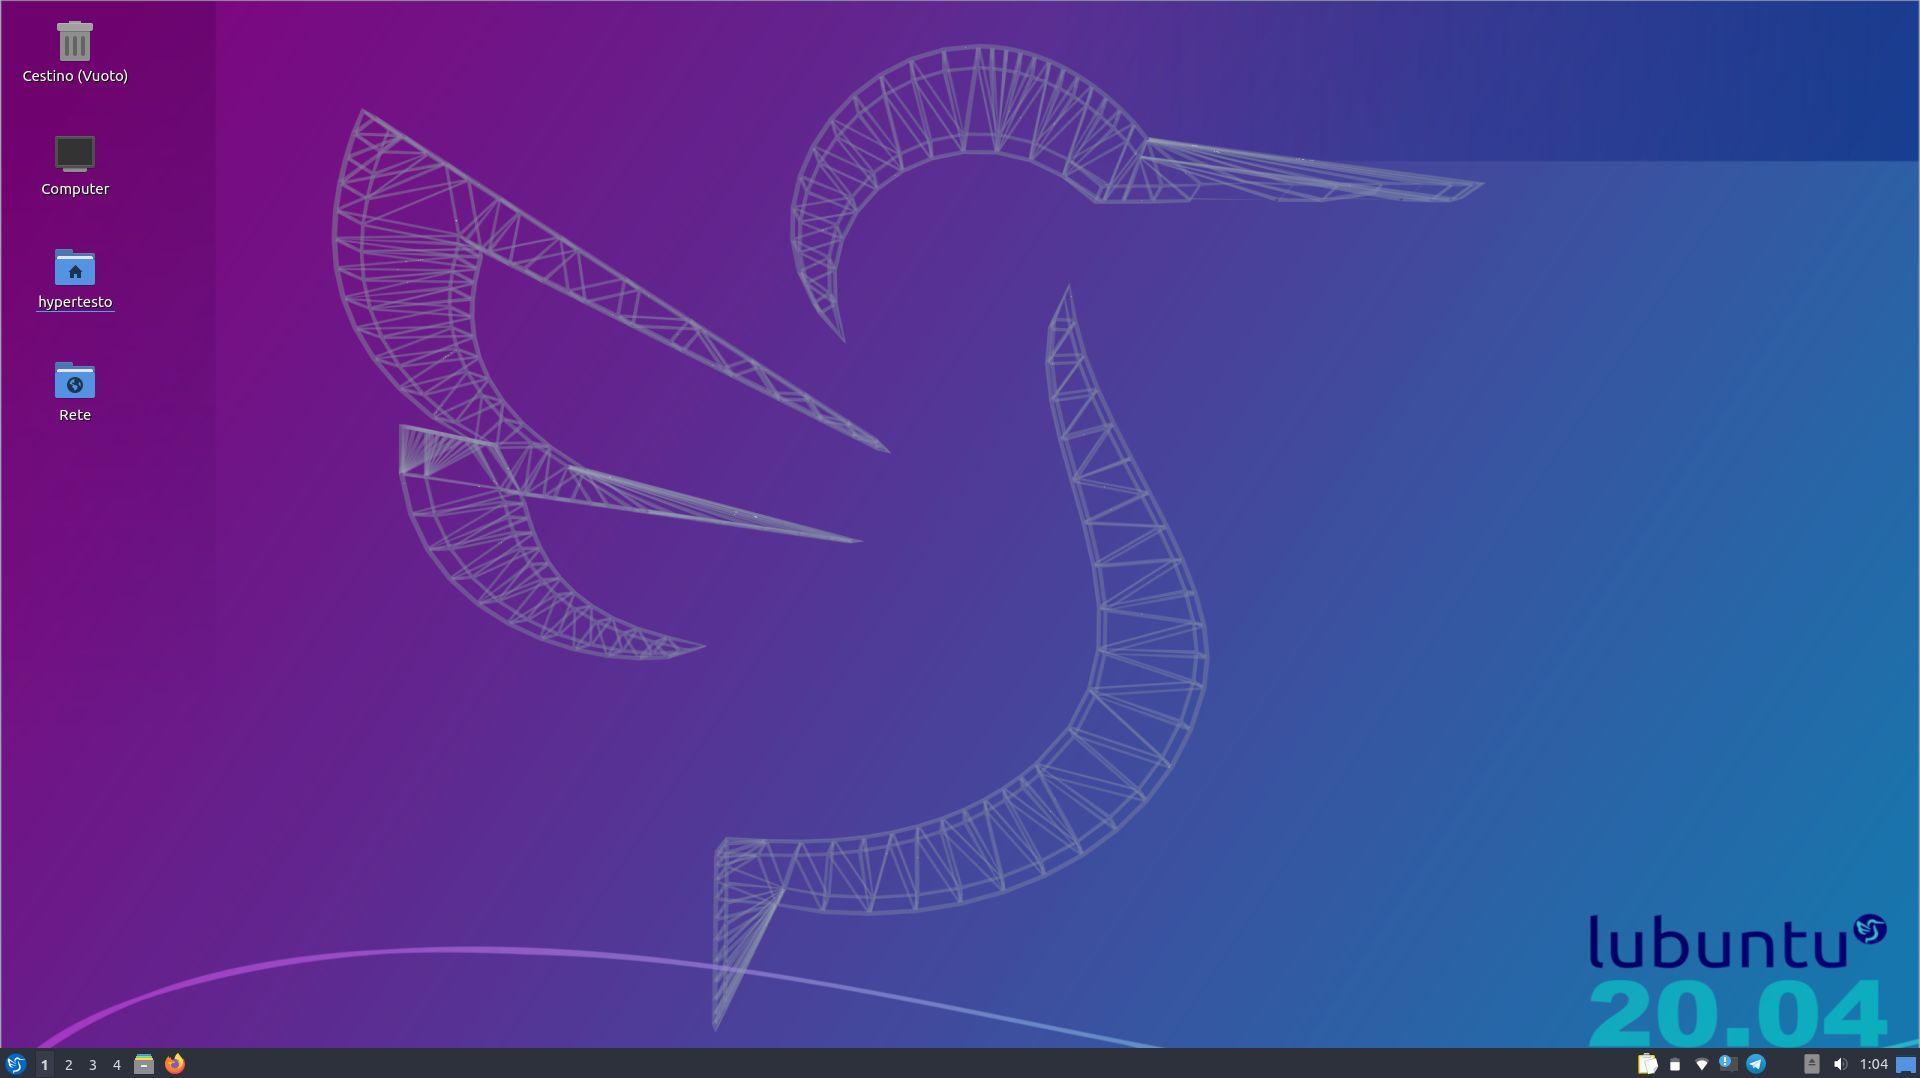 My Lubuntu desktop